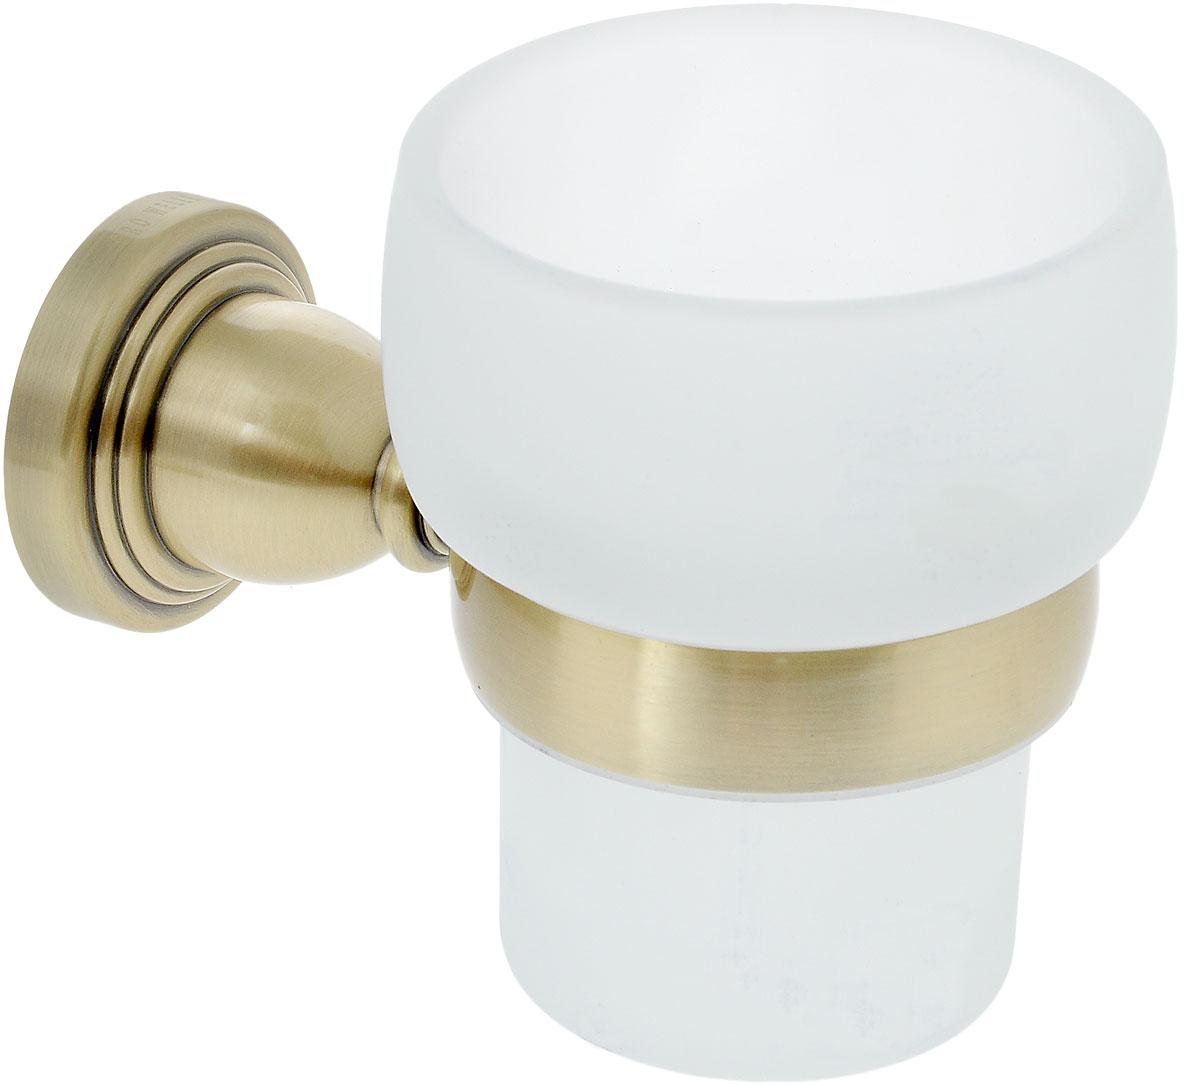 Стакан подвесной Gro Welle MuskatMSK551Стакан для ванной комнаты Gro Welle Muskat изготовлен из высококачественного матового стекла. Для стакана предусмотрен специальный держатель, выполненный из латуни с хромированным покрытием. Хромоникелевое покрытие Crystallight придает изделию яркий металлический блеск и эстетичный внешний вид. Имеет водоотталкивающие свойства, благодаря которым защищает изделие. Устойчив к кислотным и щелочным чистящим средствам. Изделие быстро и просто крепится к стене, крепежные материалы входят в комплект. В стакане удобно хранить зубные щетки, пасту и другие принадлежности. Диаметр стакана по верхнему краю: 8 см. Высота стакана: 10 см. Отступ стакана от стены: 12,8 см.